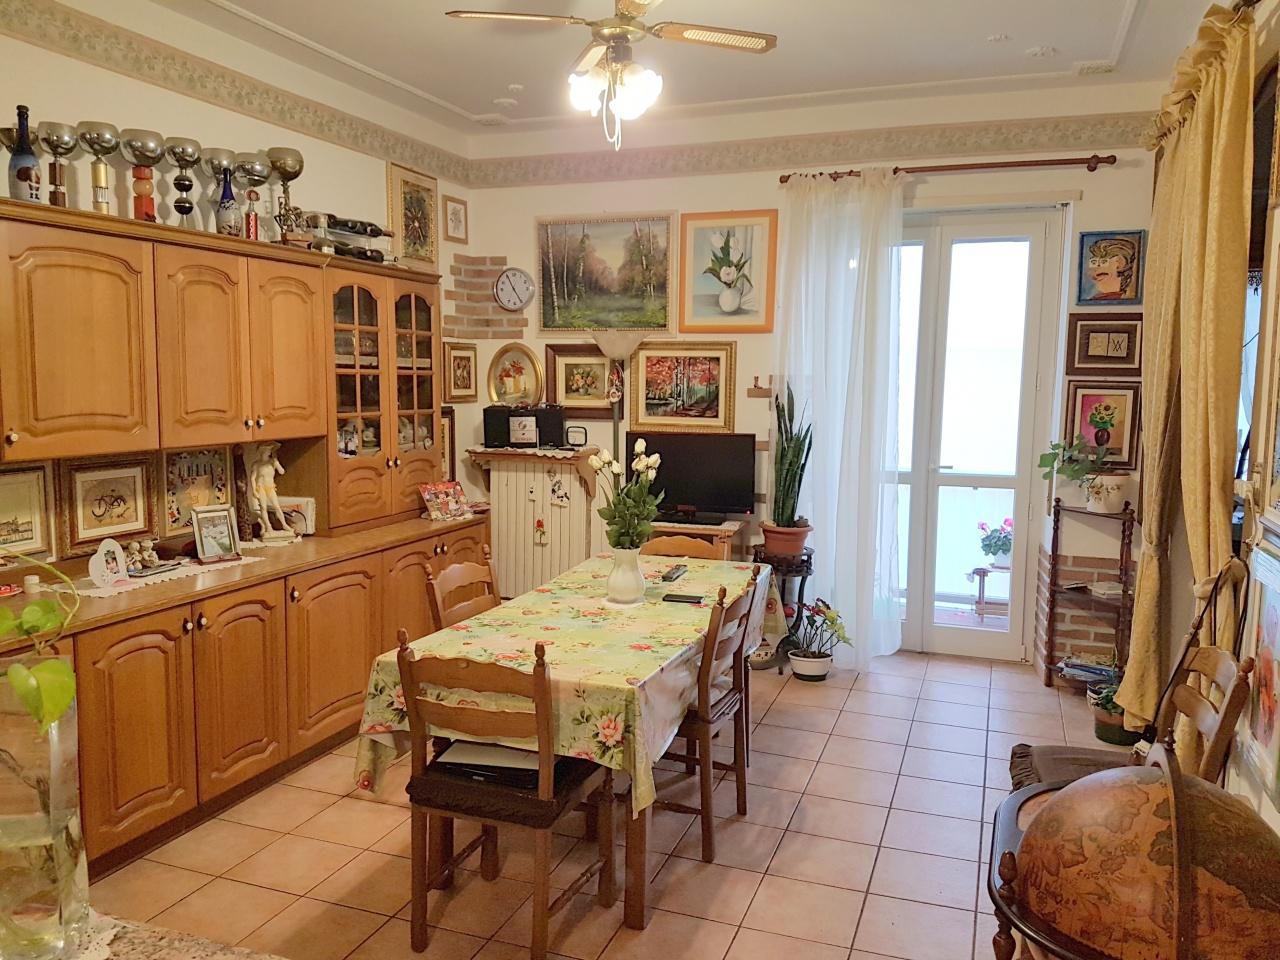 Appartamento in vendita a Chivasso, 3 locali, prezzo € 78.000 | CambioCasa.it